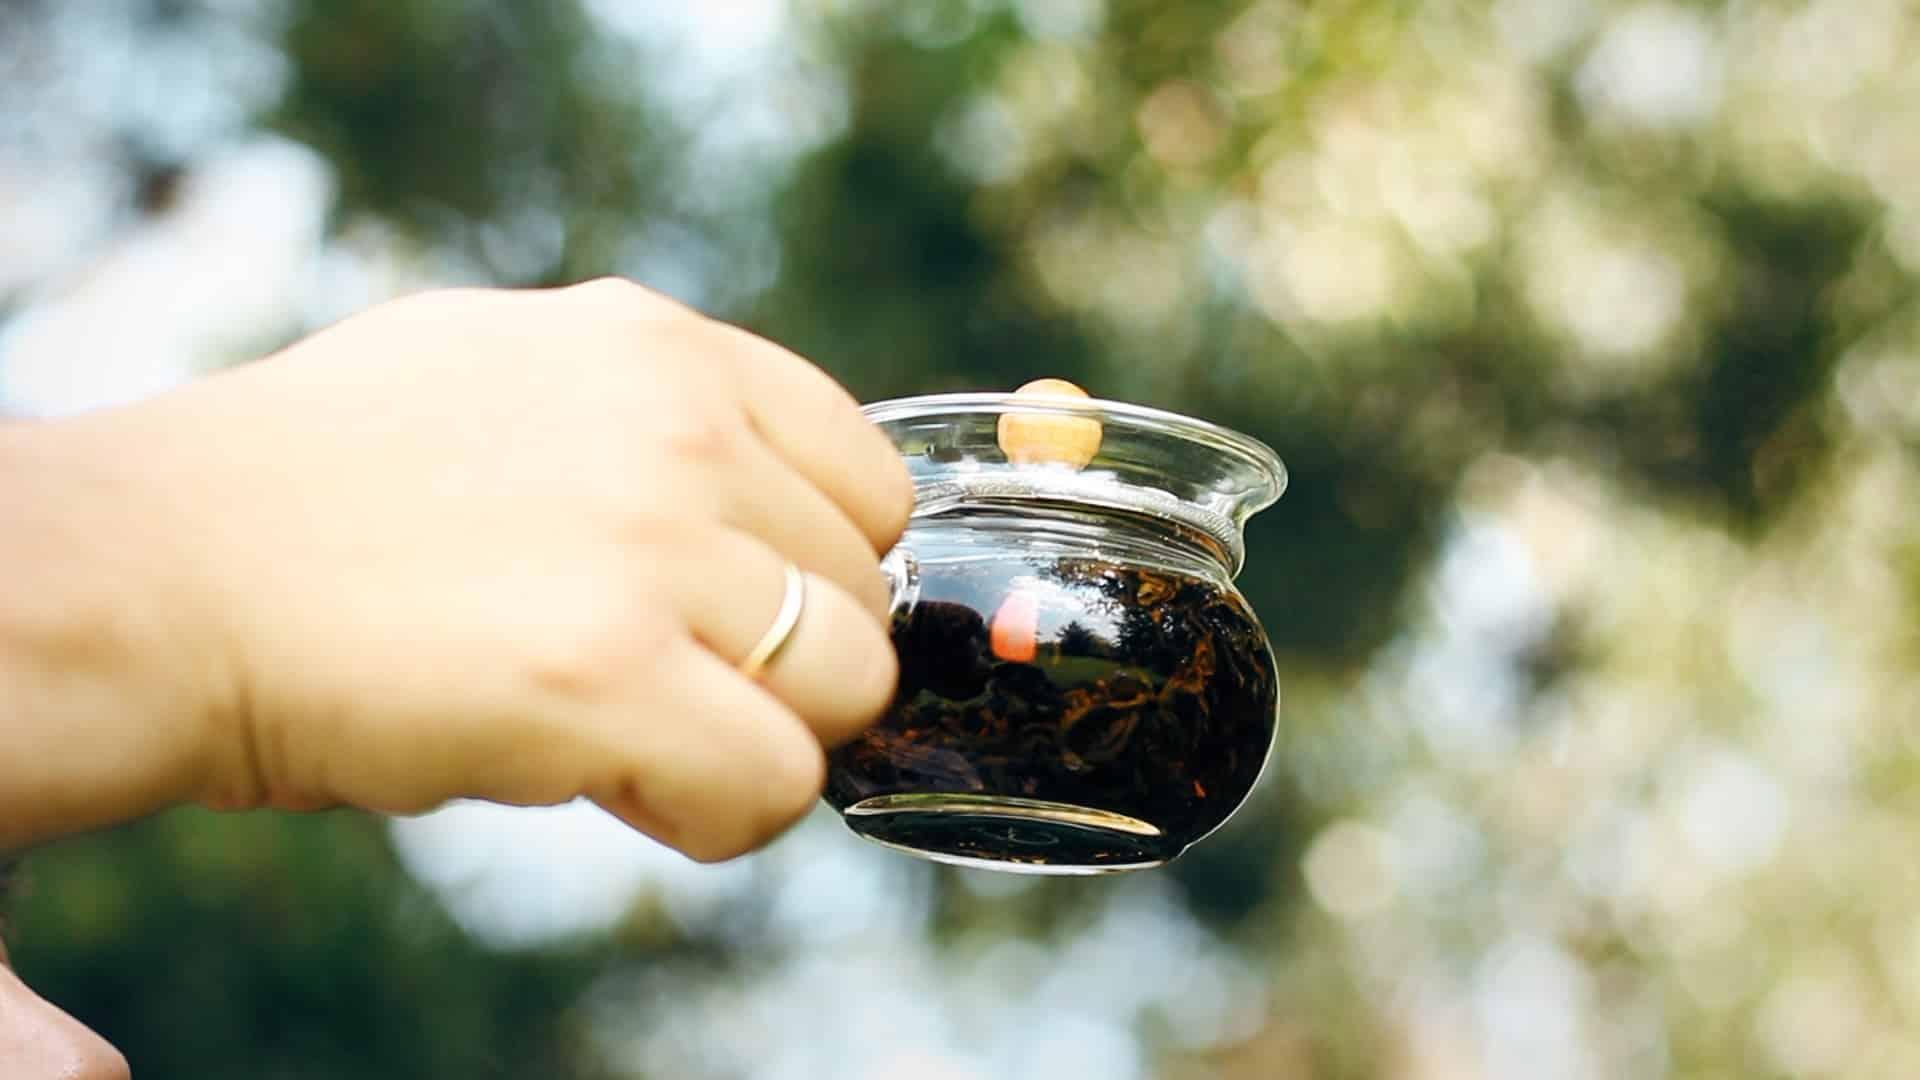 Szlachetna herbata produkowana z udziałem koników polnych